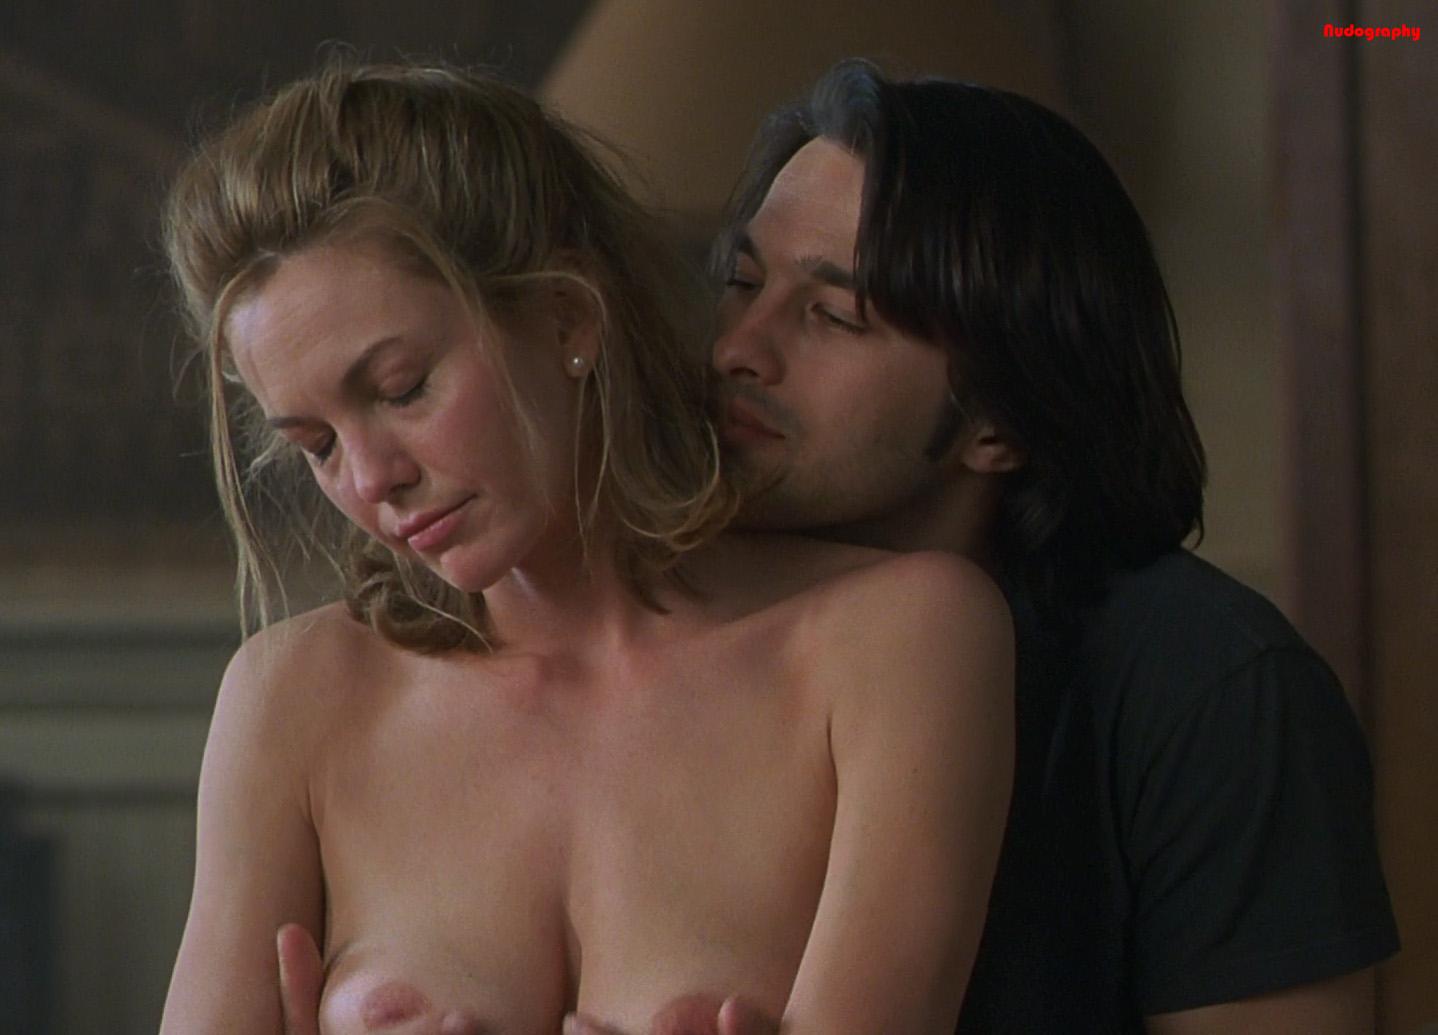 smotret-eroticheskie-filmi-pro-izmenu